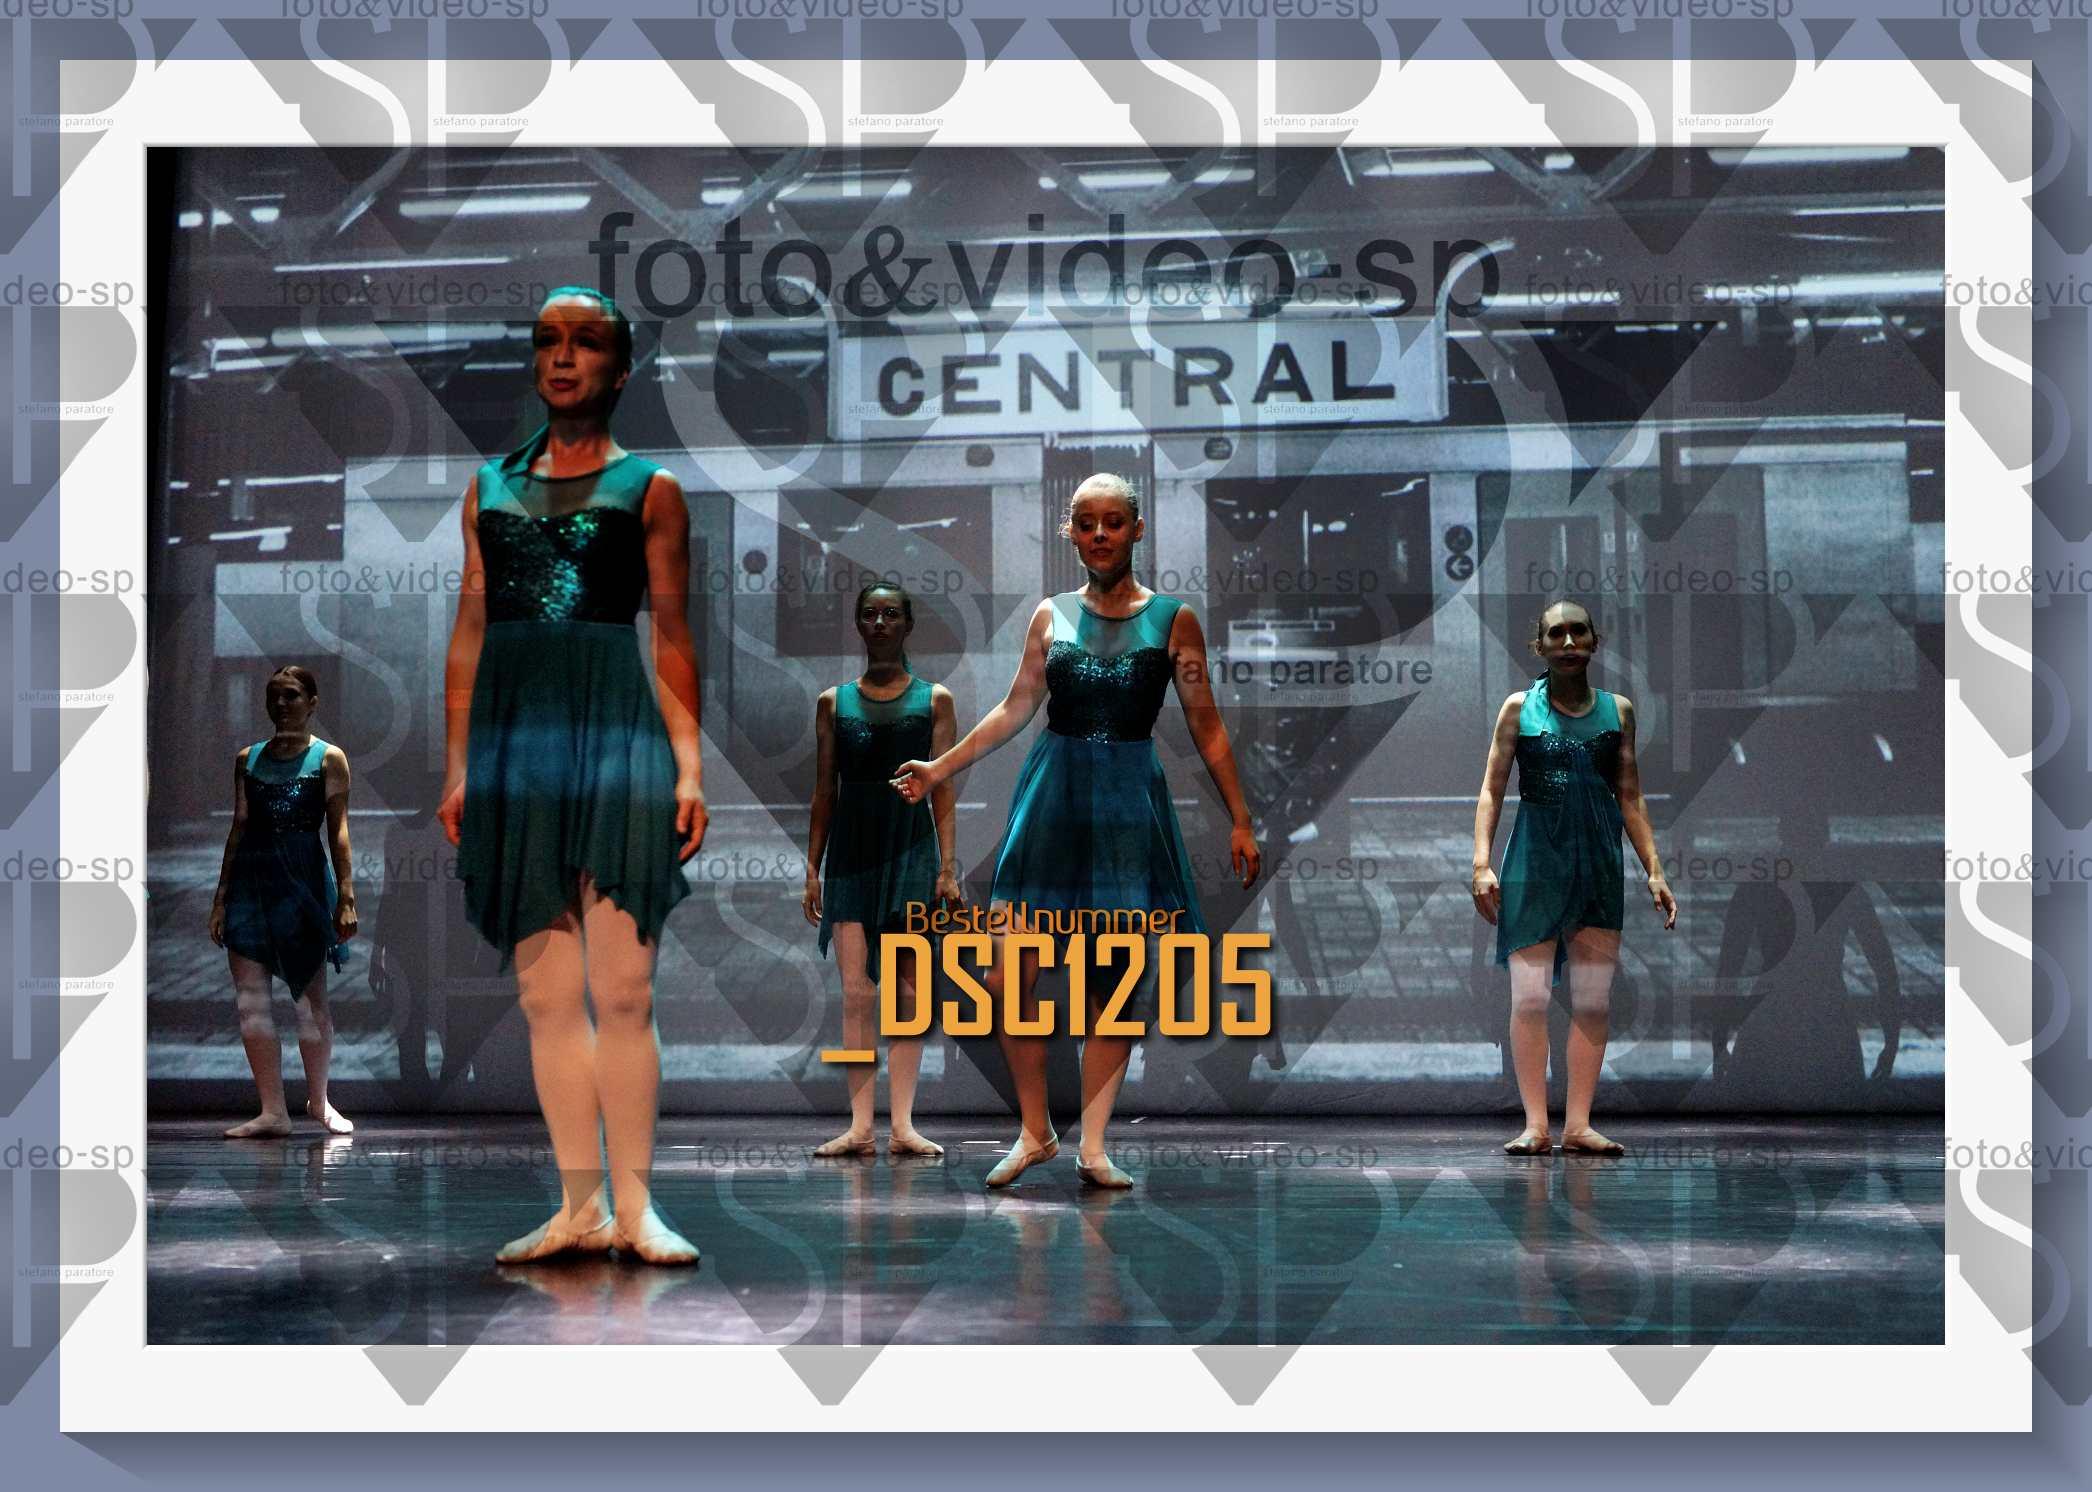 DSC1205